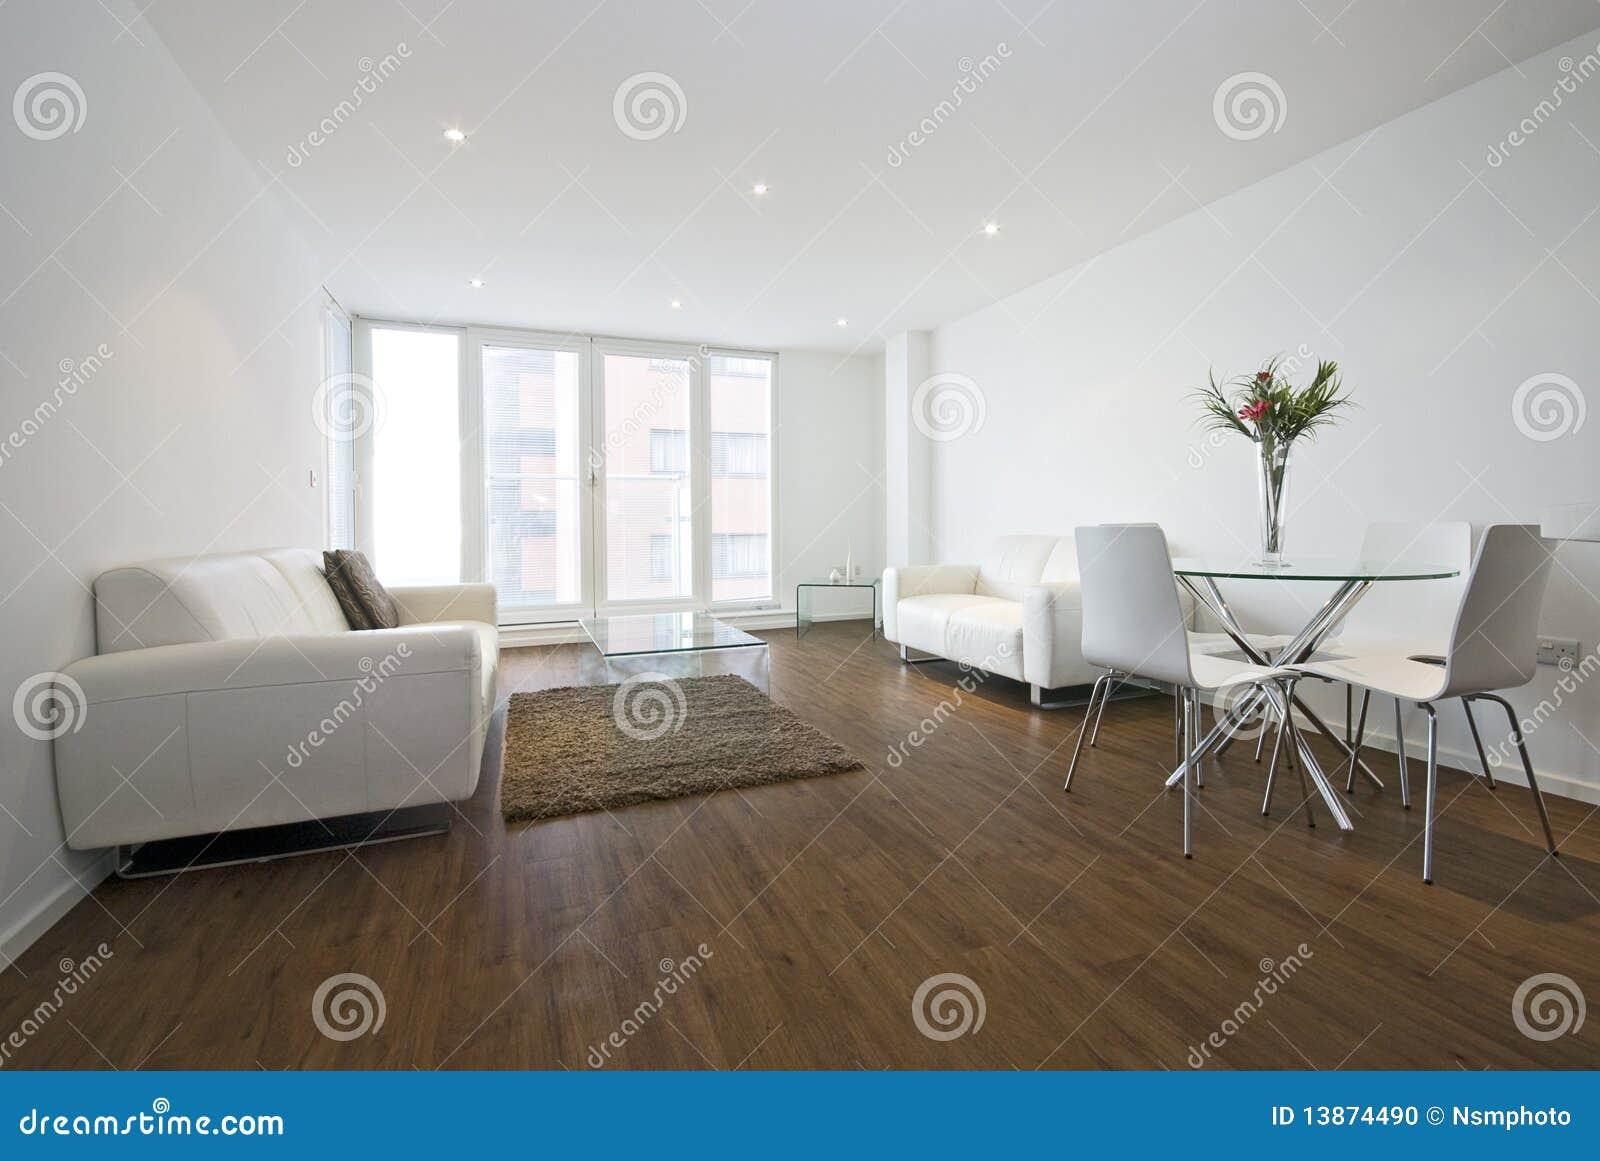 Moderne Woonkamer Met Witte Leerbanken Stock Foto - Afbeelding ...